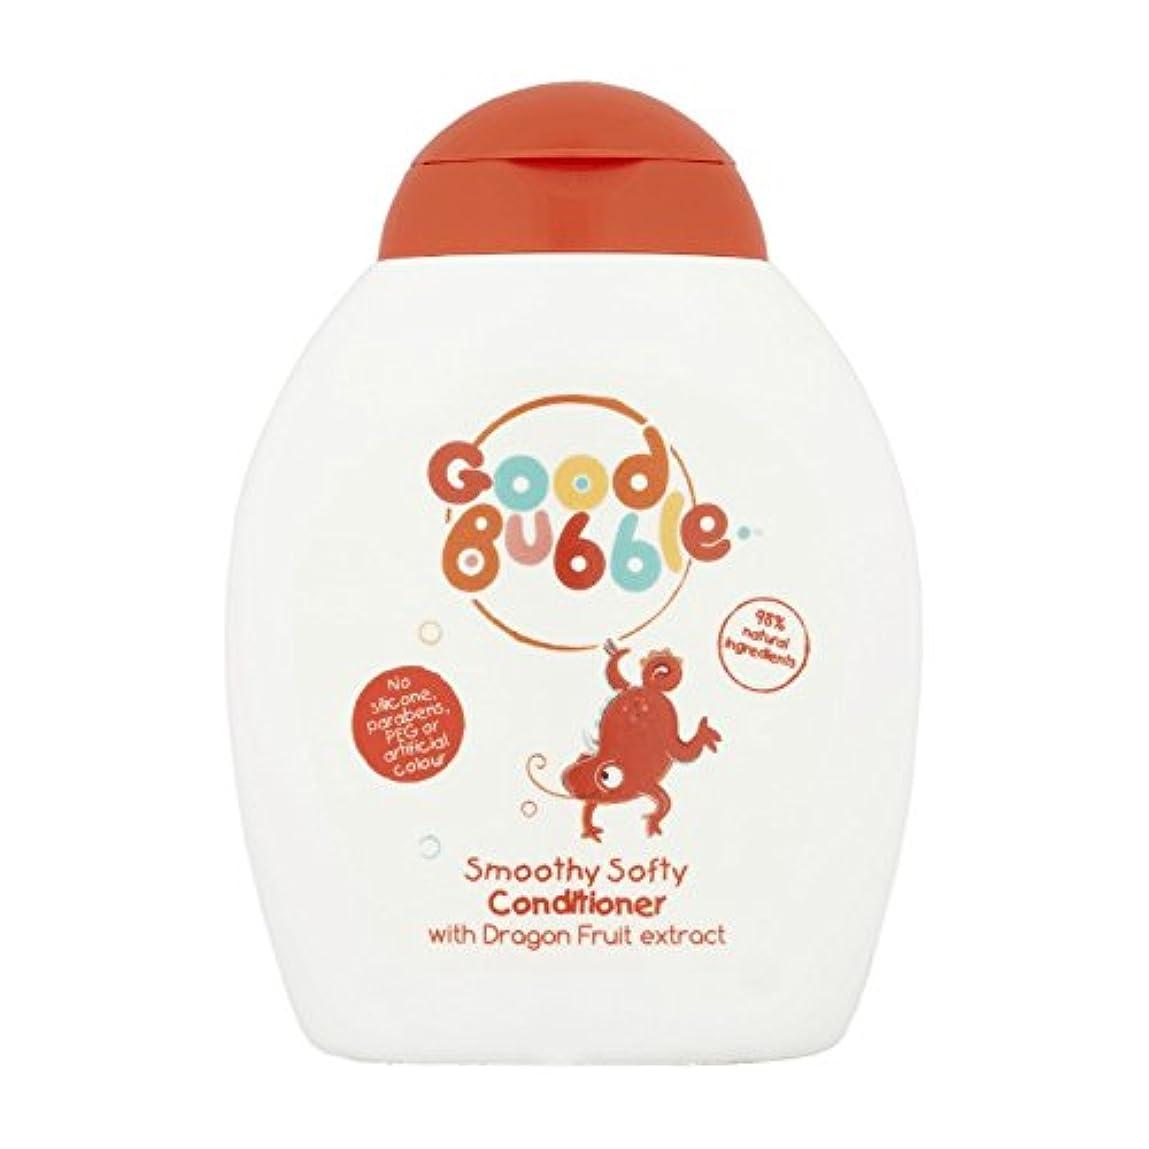 良いバブルドラゴンフルーツコンディショナー250ミリリットル - Good Bubble Dragon Fruit Conditioner 250ml (Good Bubble) [並行輸入品]